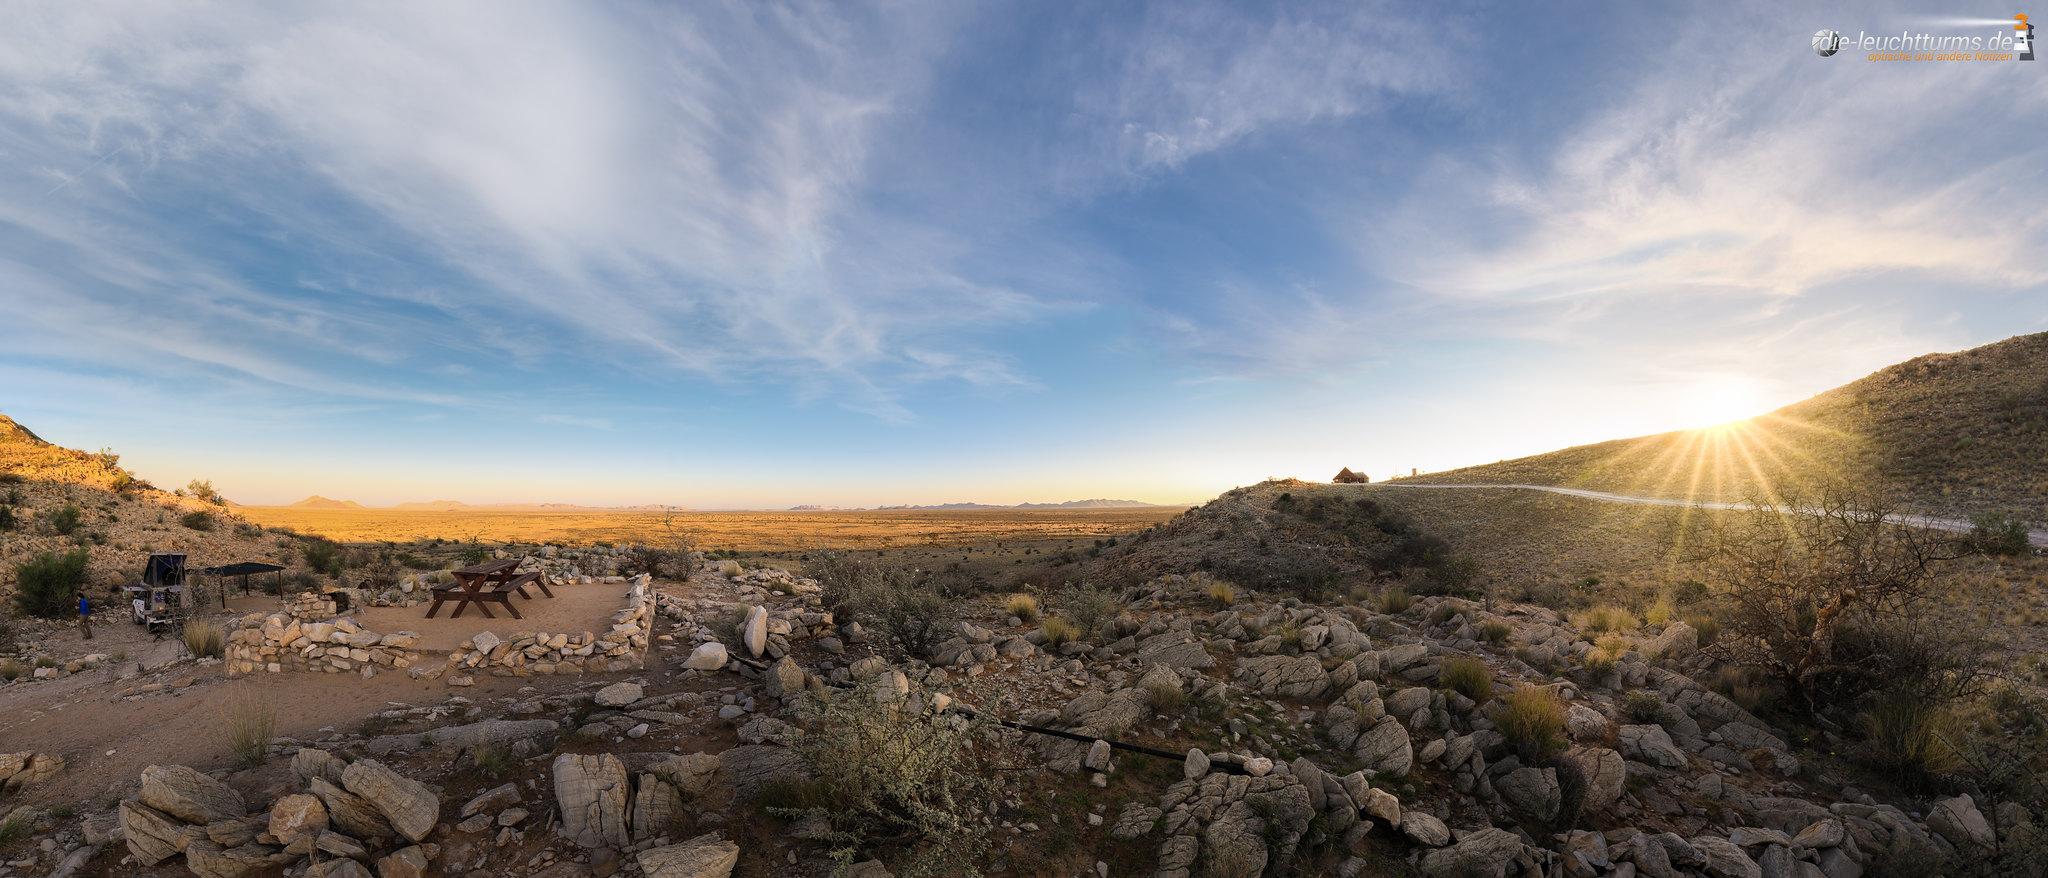 Sunrise at the edge of Namib desert